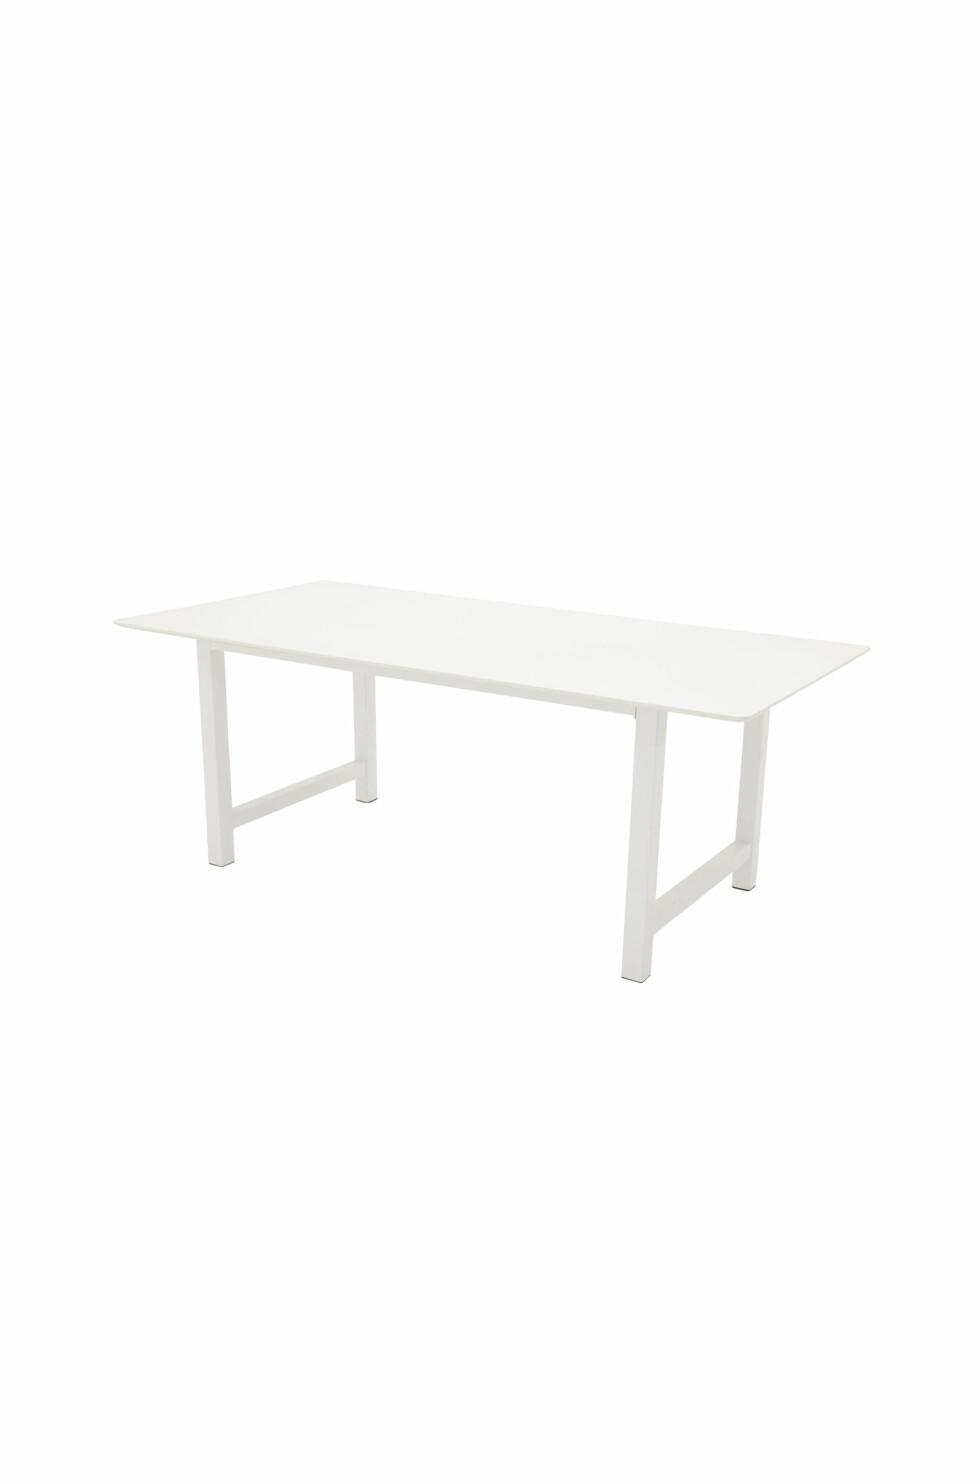 «Canet», spisebord med MDF-bordplate og lakkerte metallbein (kr 3000, Ellos Home).